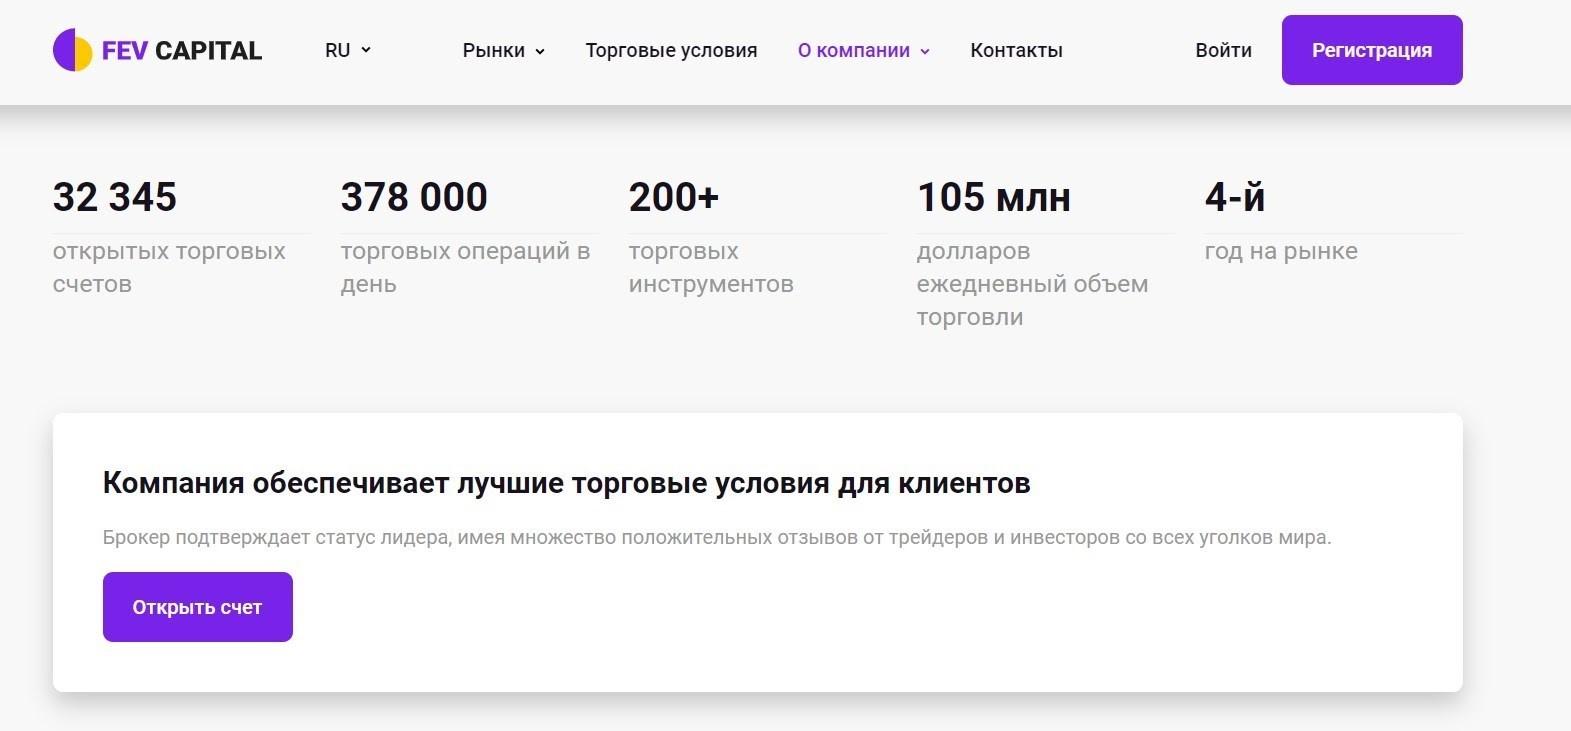 Сайт Fev Capital. Обзор и регистрация